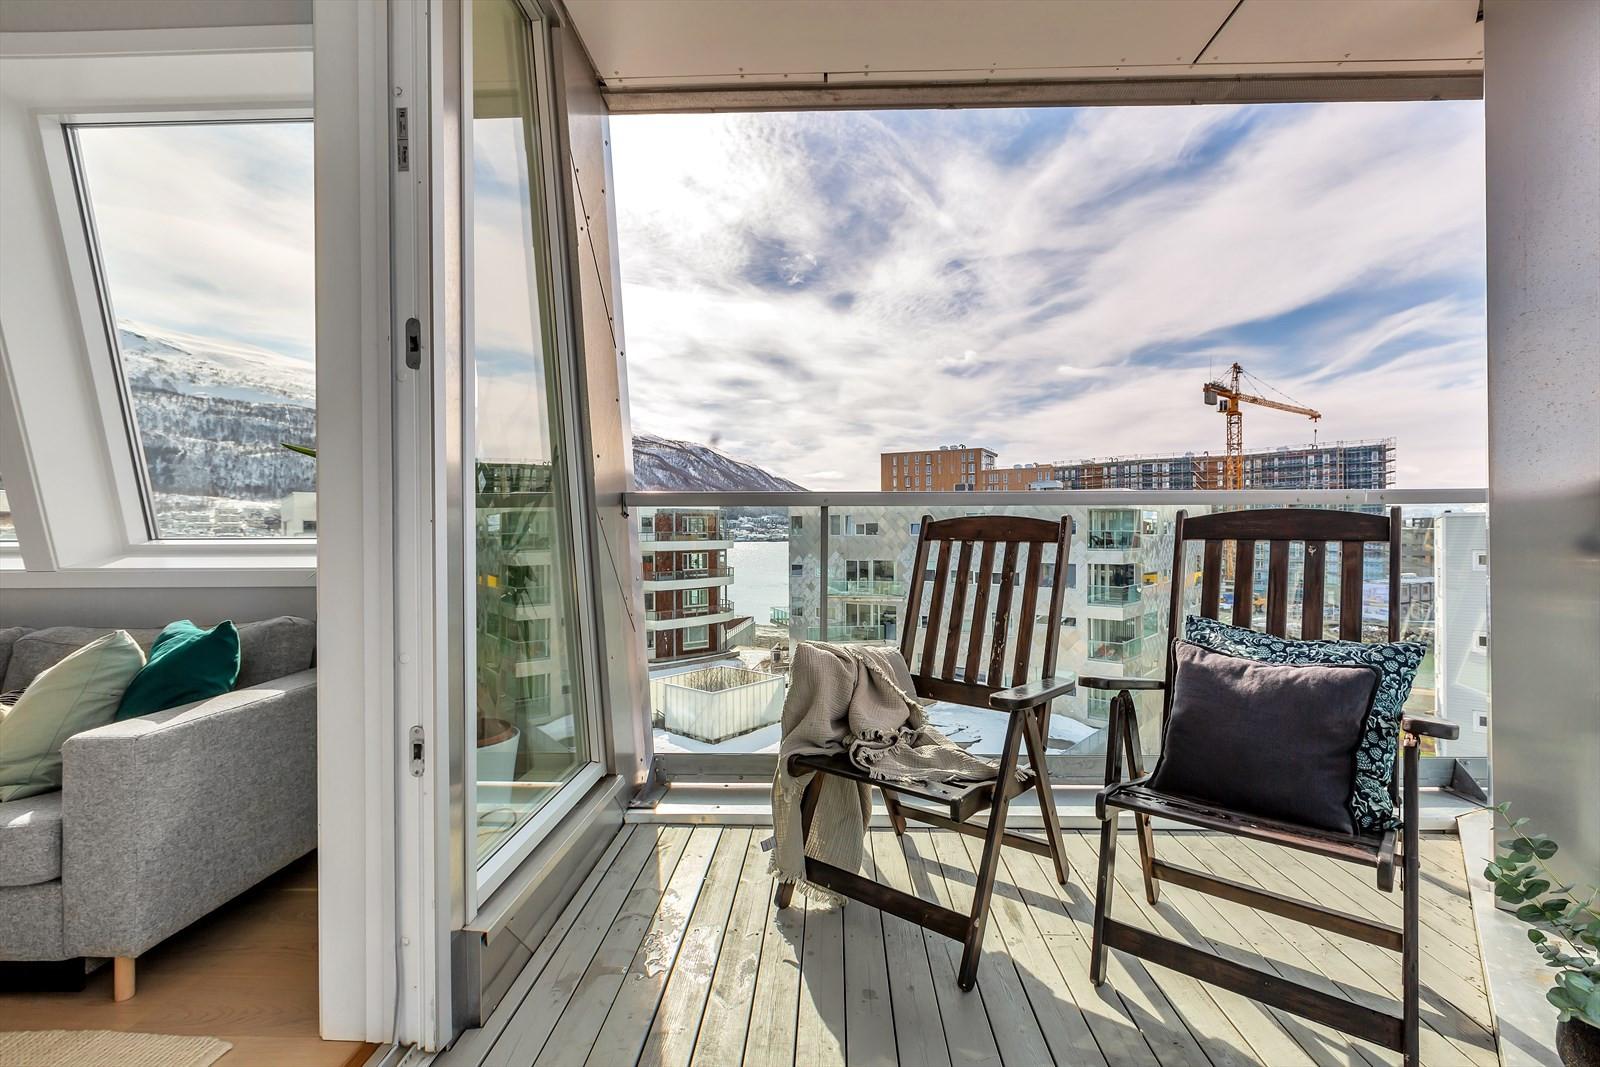 Balkong og stue. Takoverbygget og glassrekkverk.